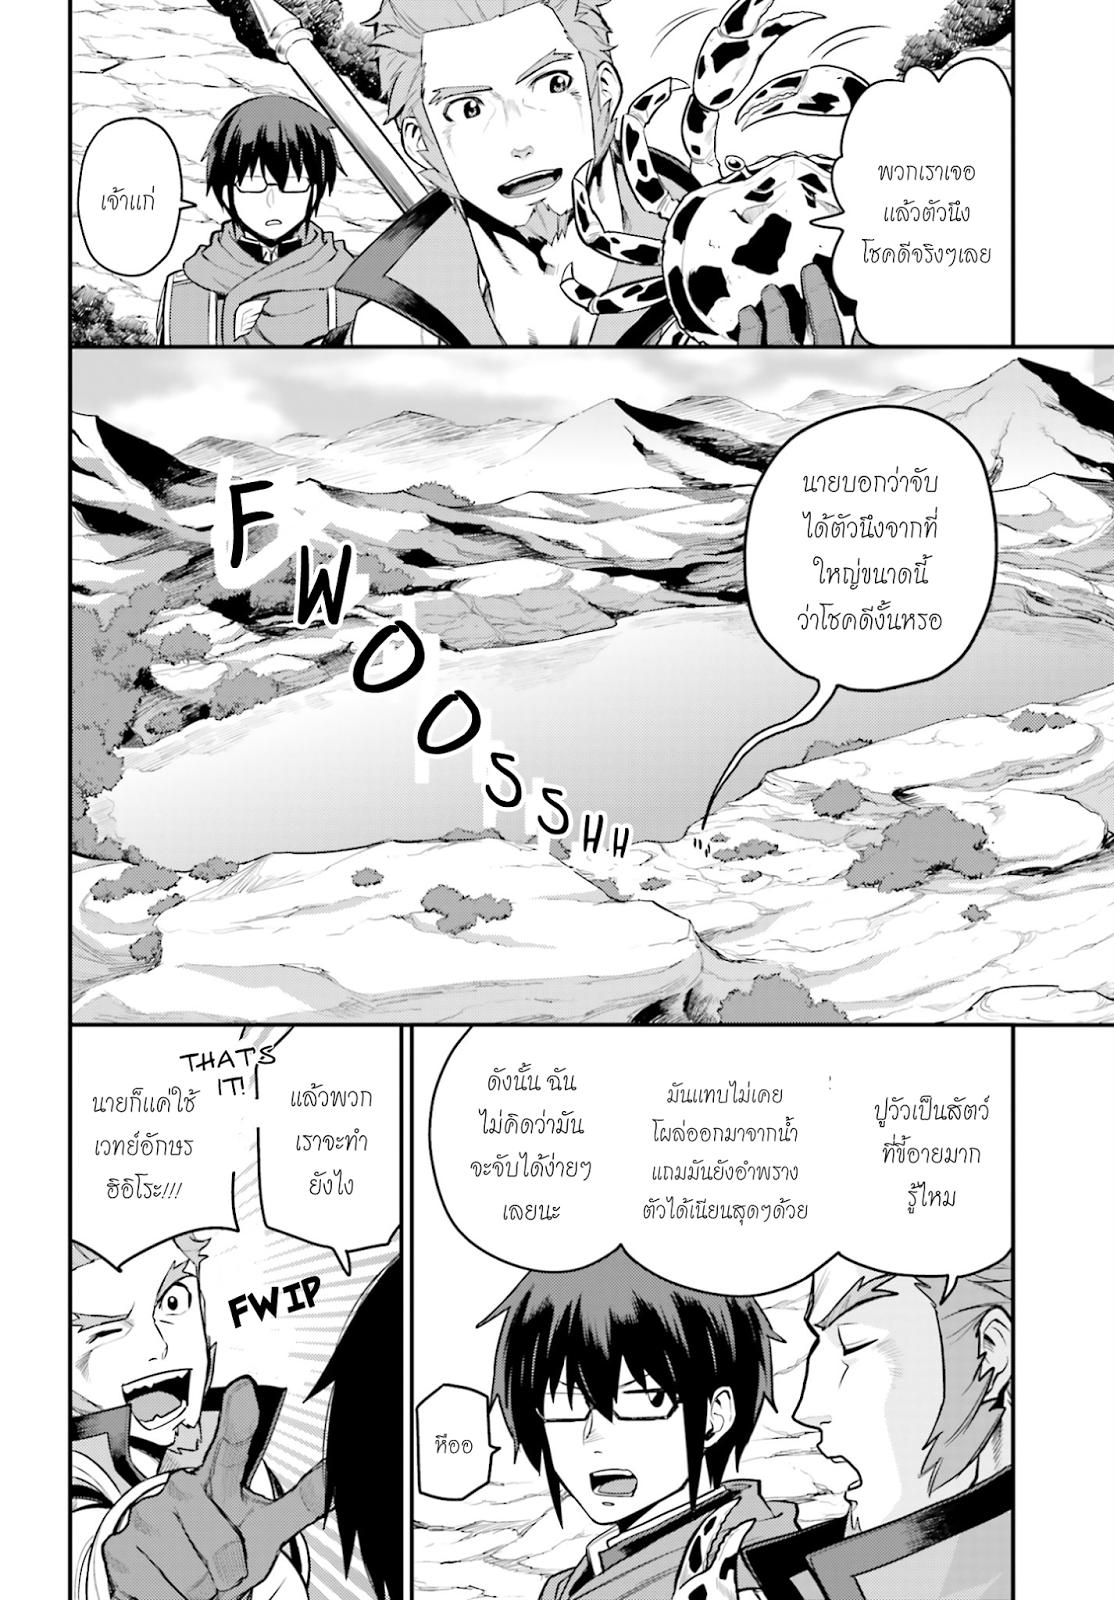 อ่านการ์ตูน Konjiki no Word Master 11 ภาพที่ 14